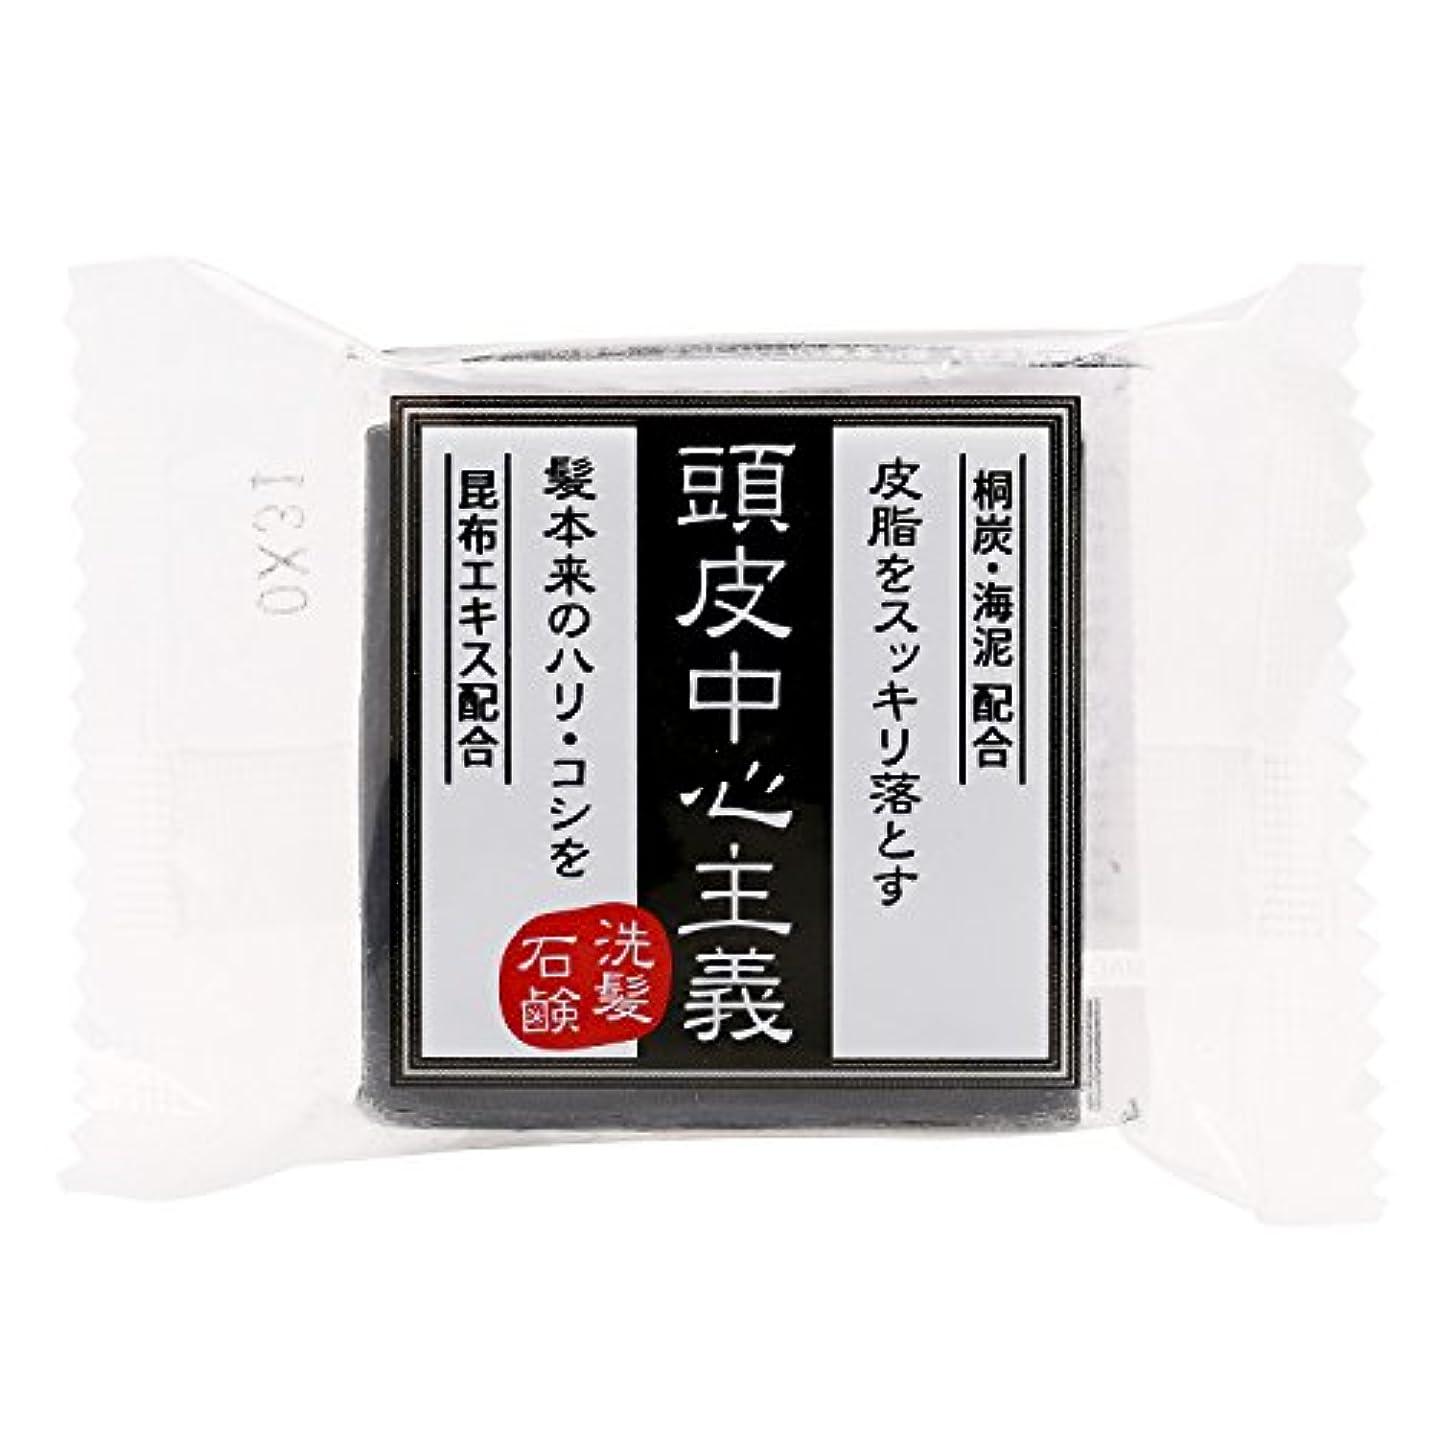 離婚フィクション再発する菊星 頭皮中心主義 洗髪石鹸 30g